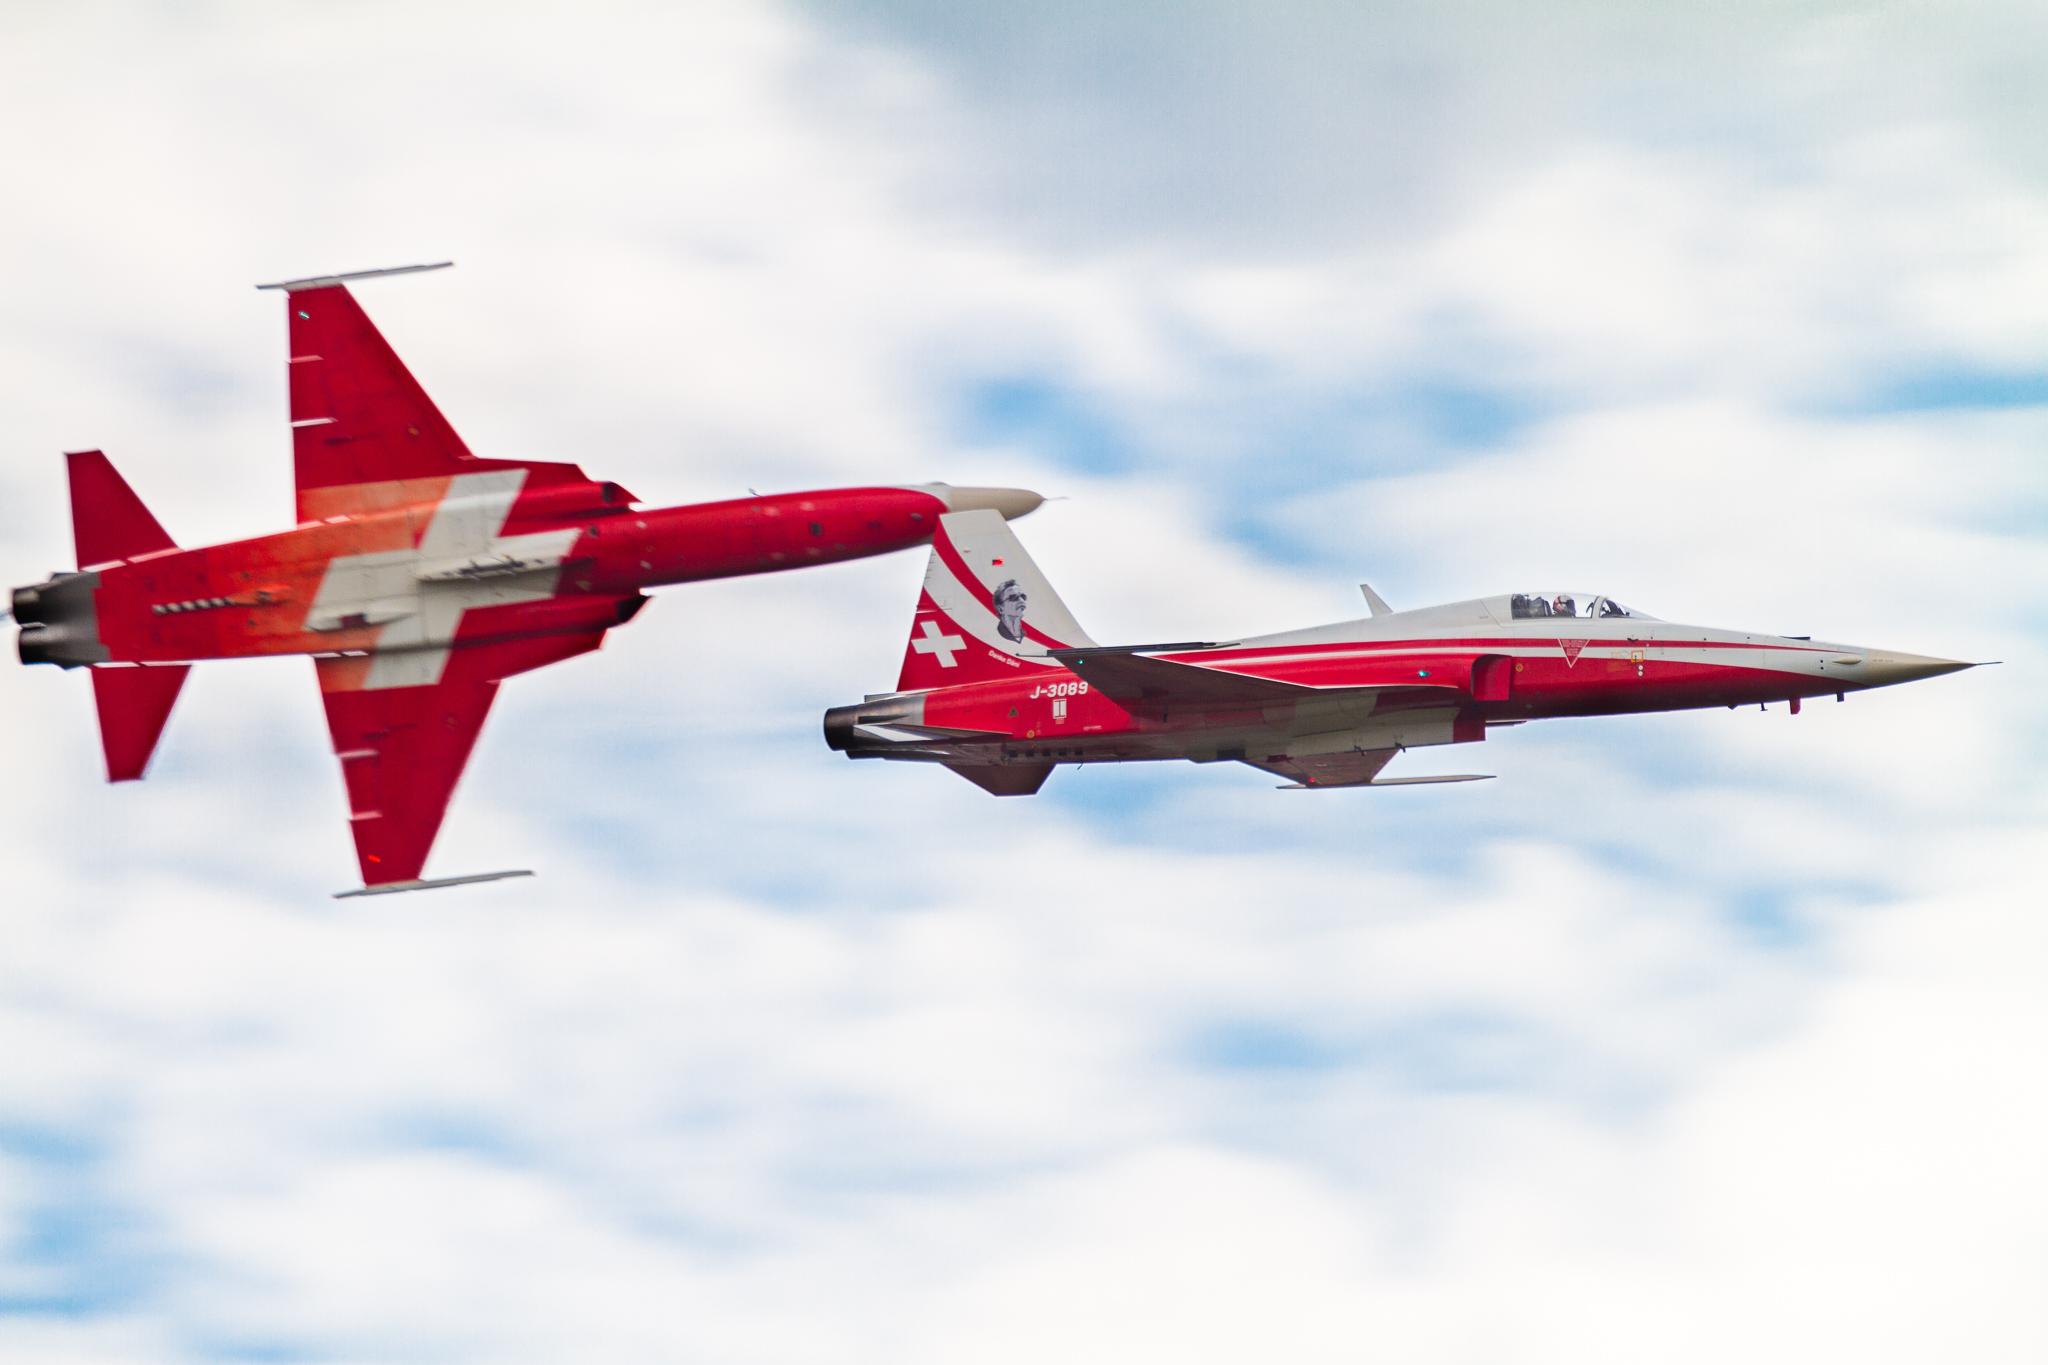 Northrop F-5 of Patrouille Suisse